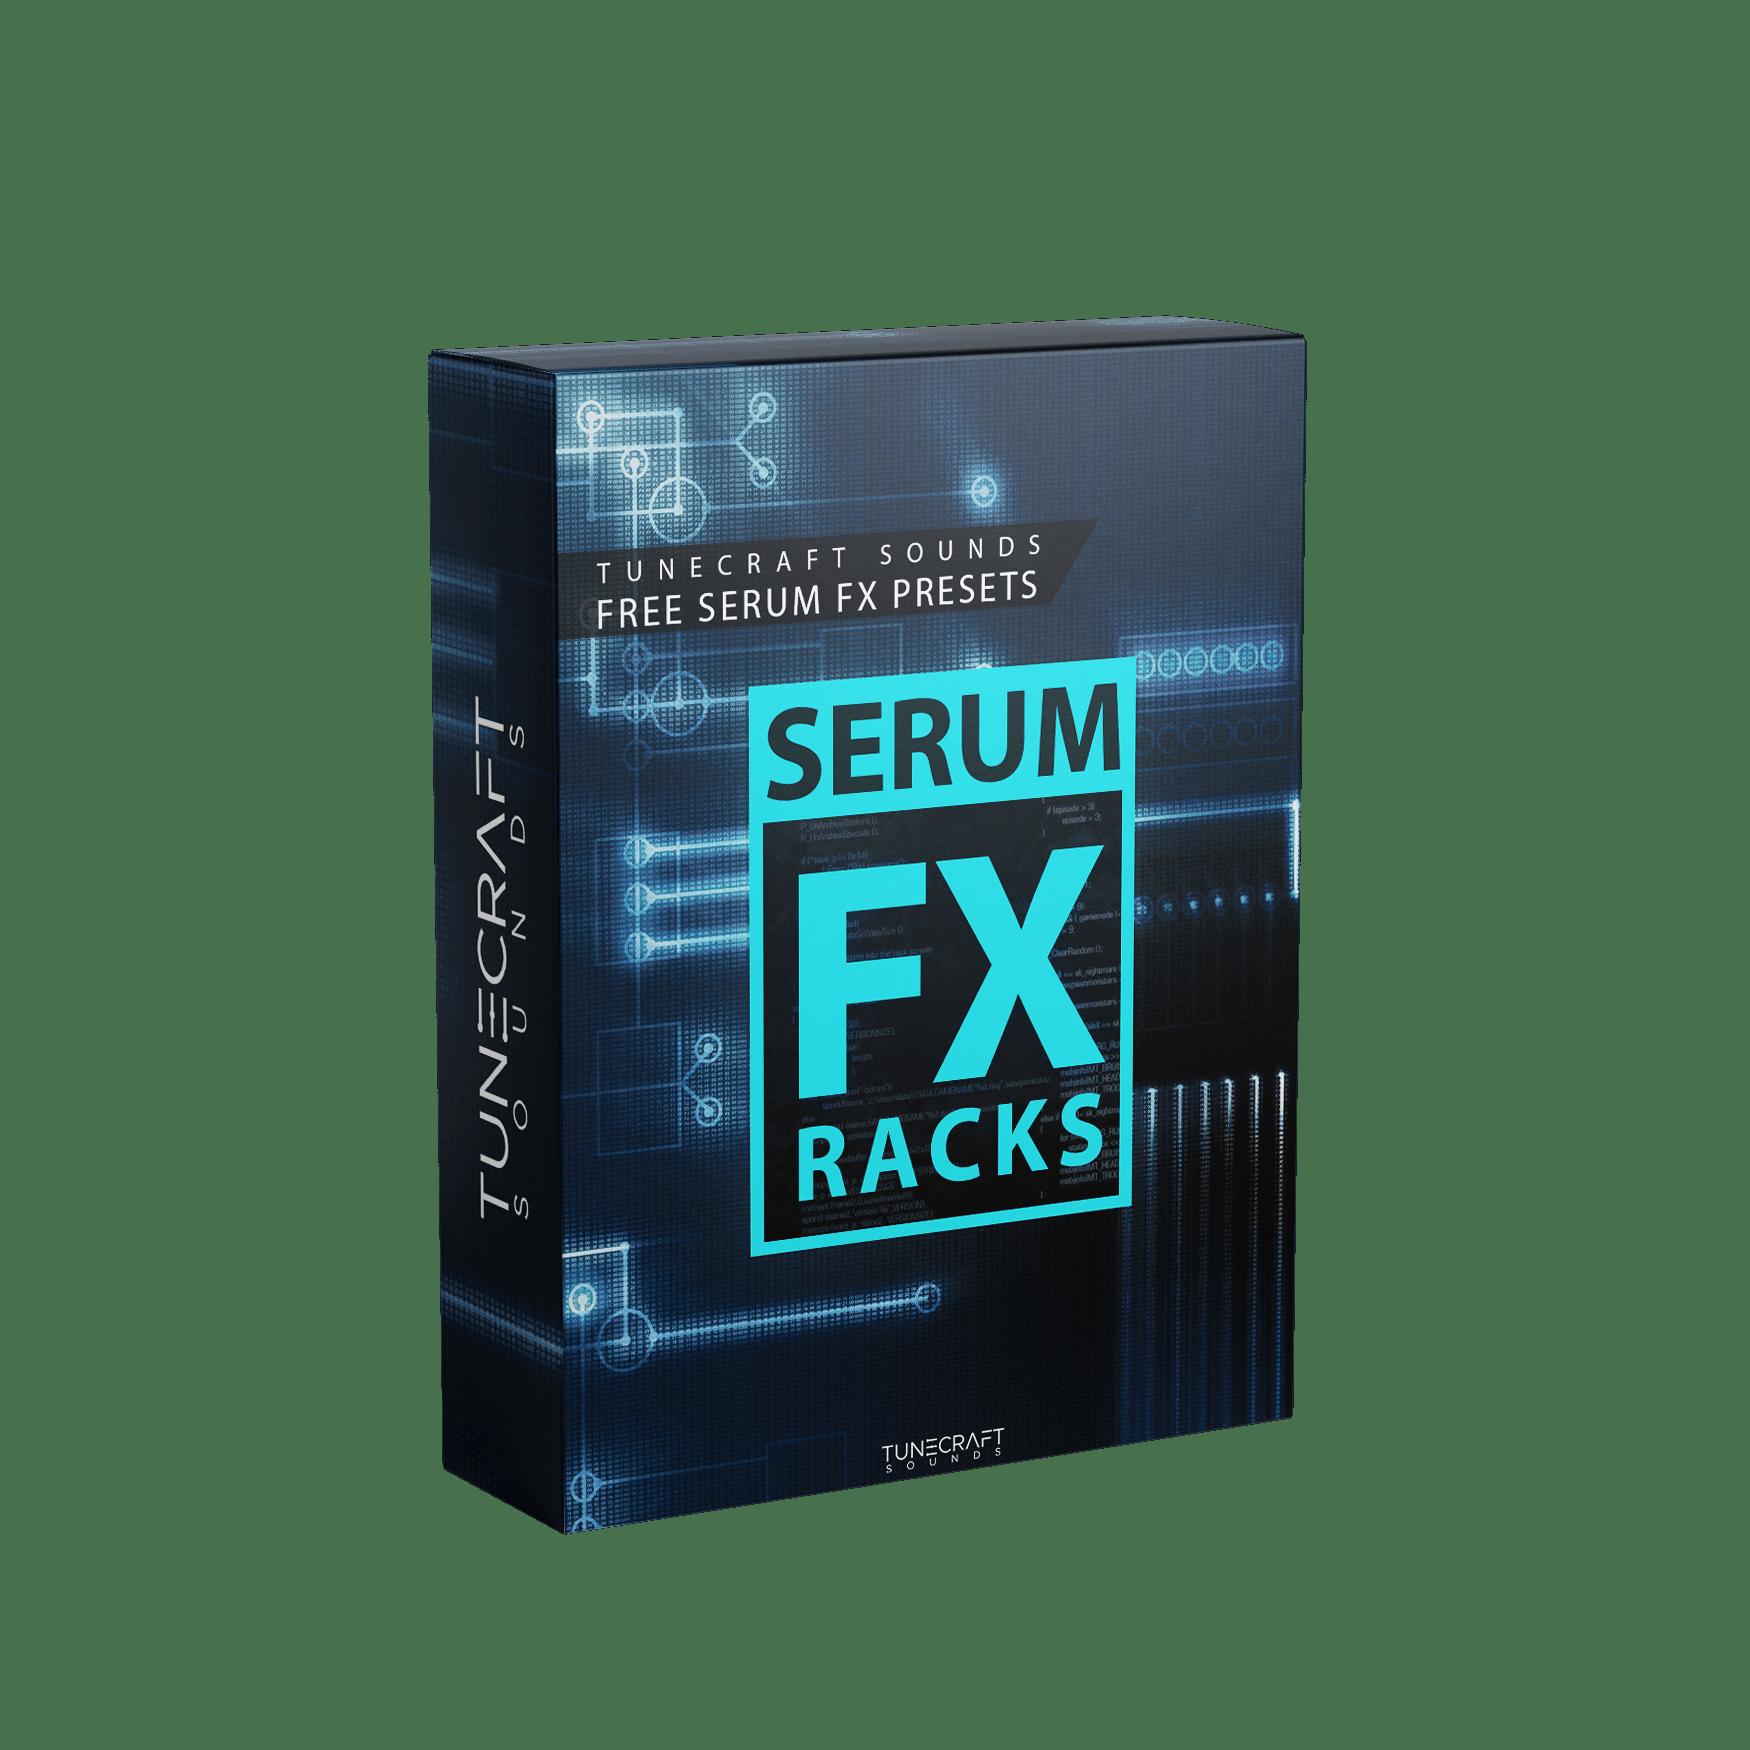 SerumFX-Racks-3D-box-NS 1750x1750-min